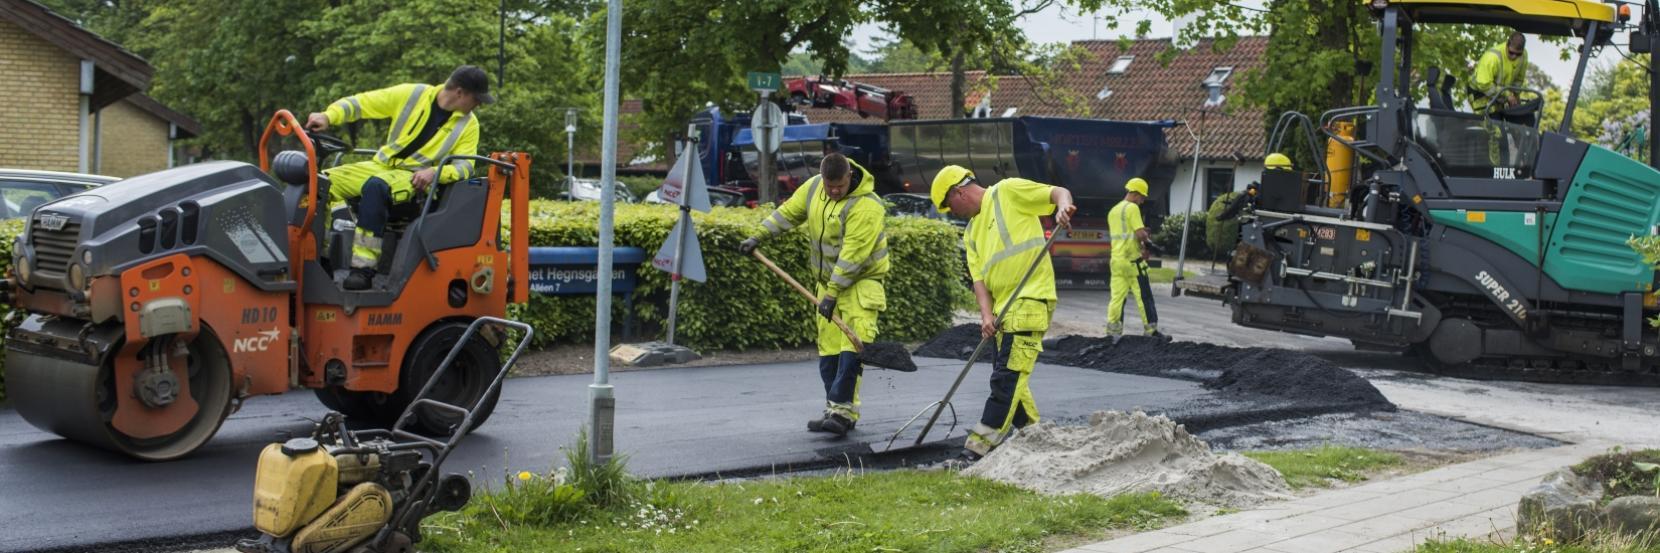 Vejarbejdere lægger asfalt